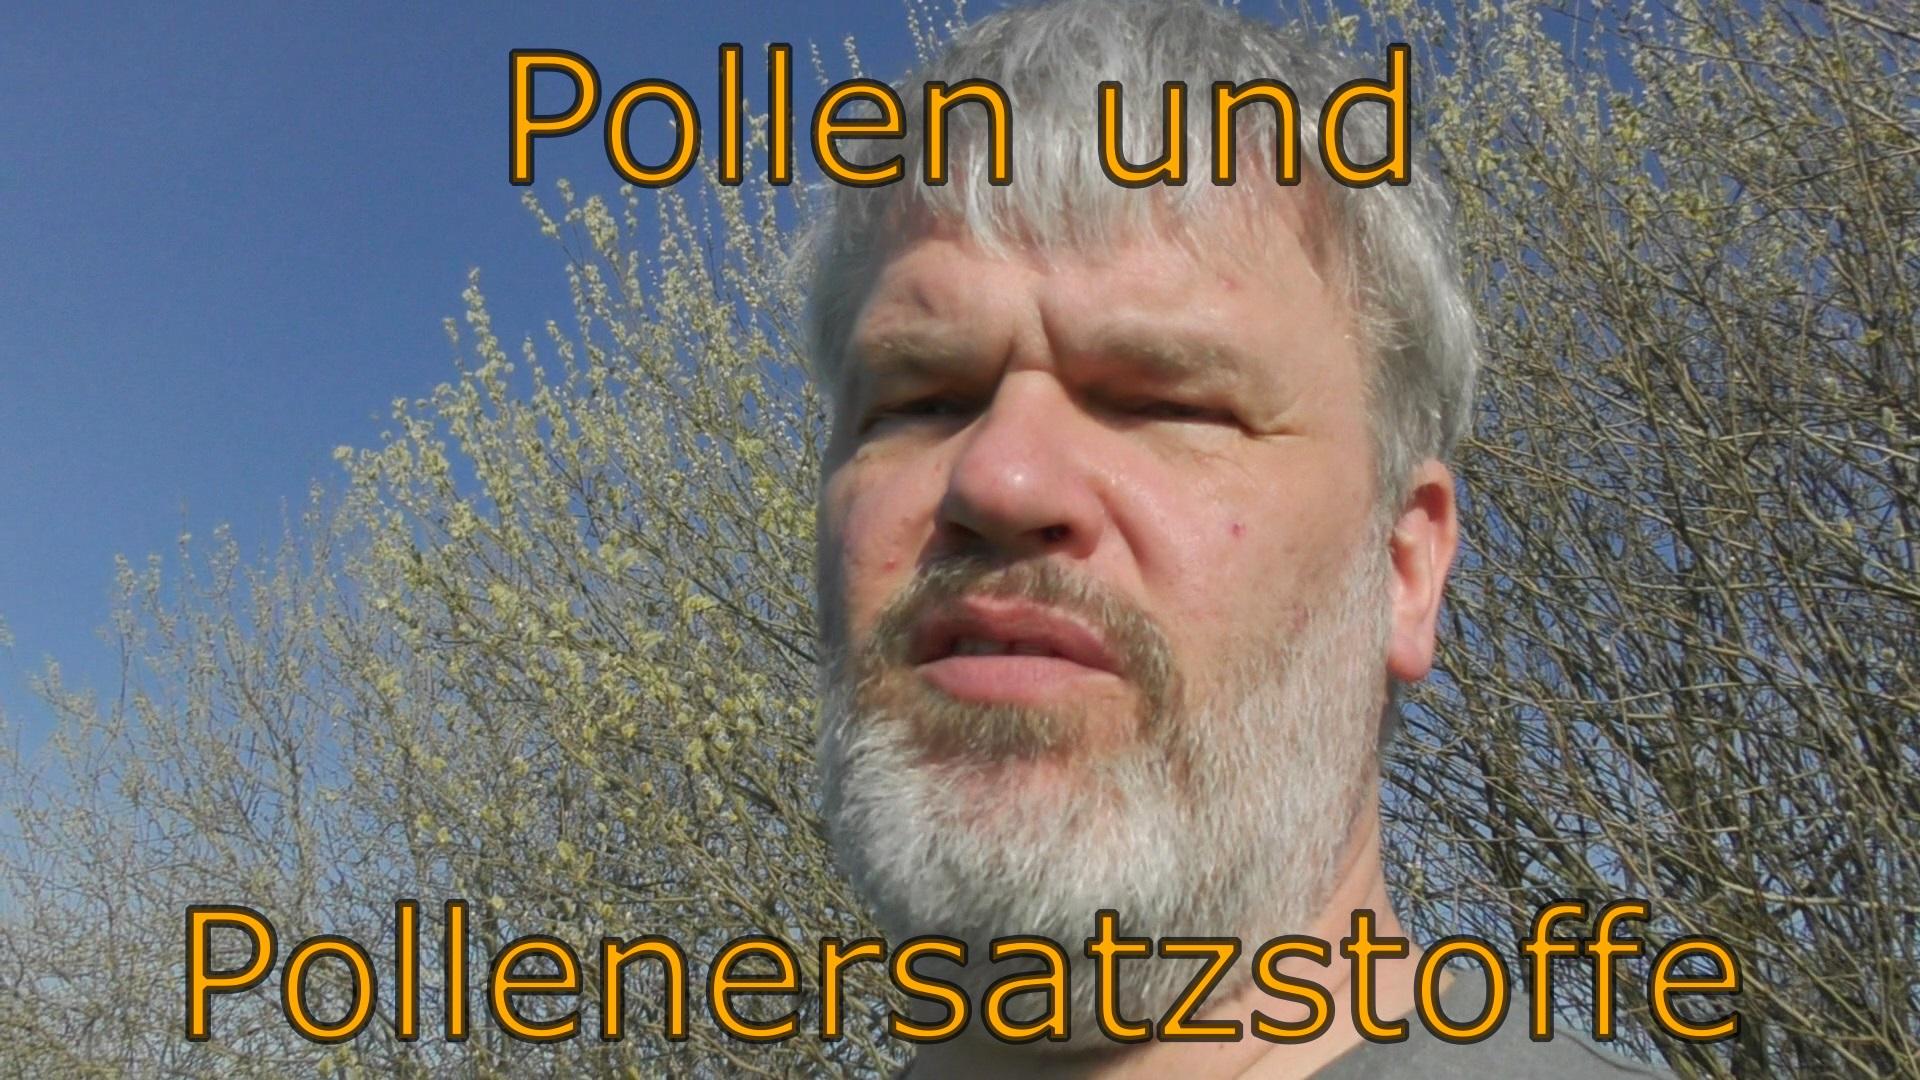 Pollen und Pollenersatzstoffe